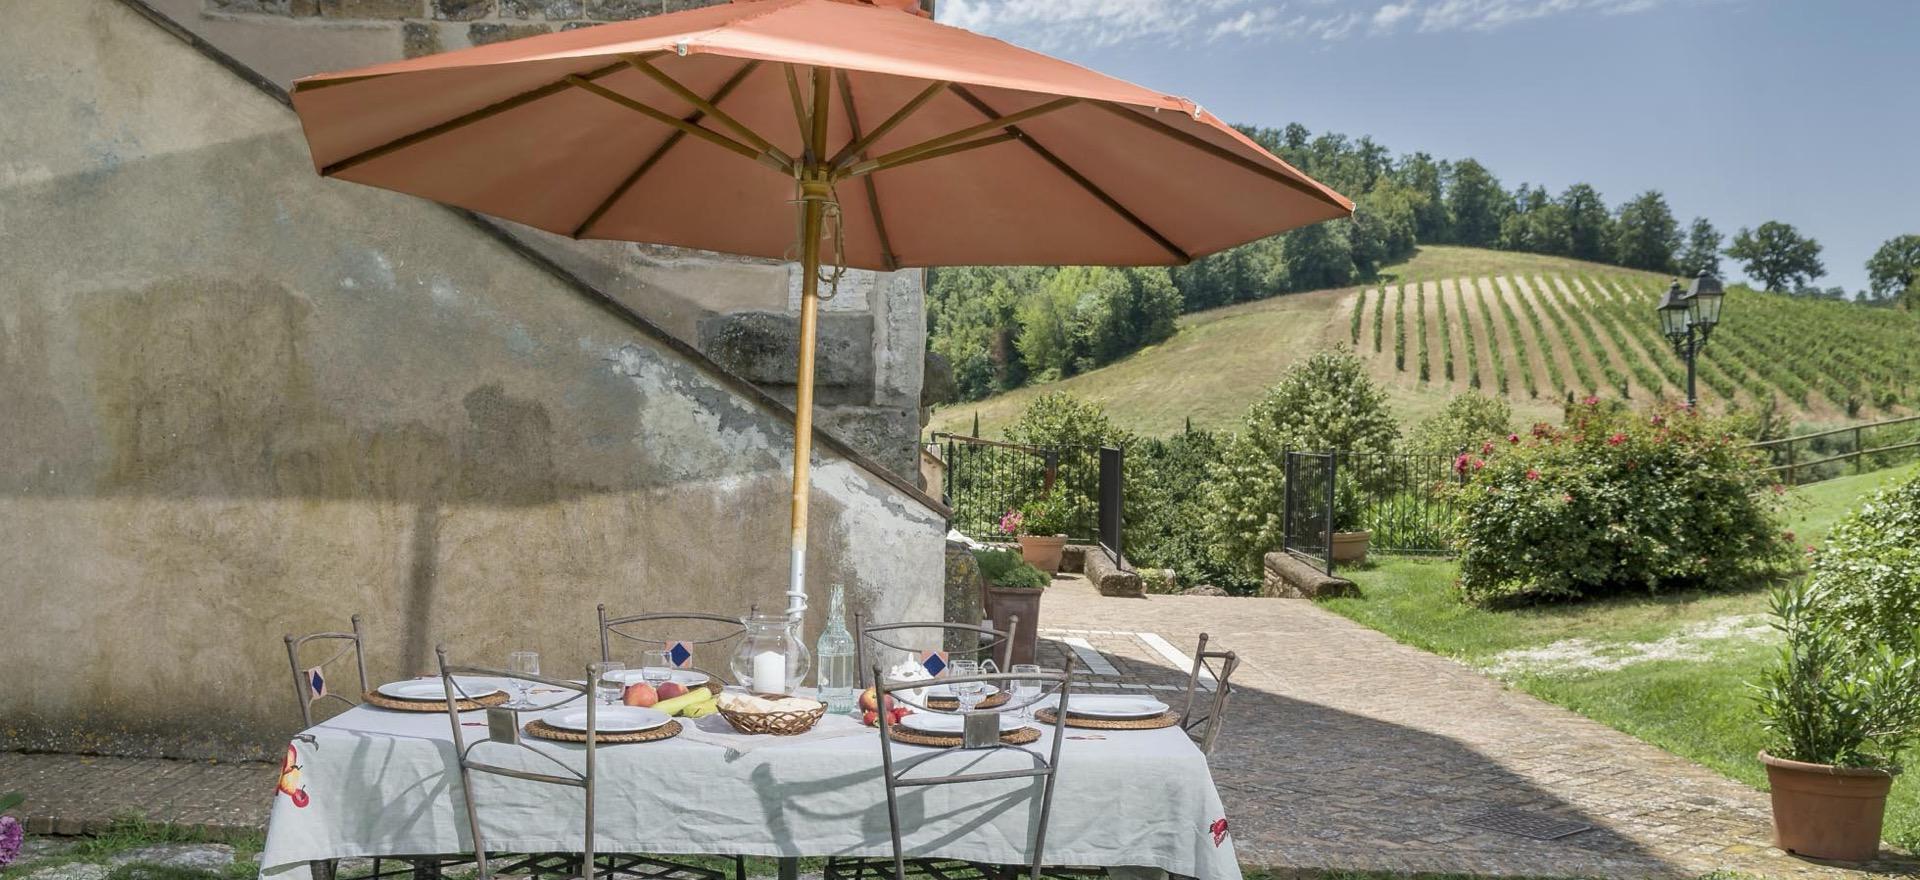 Agriturismo nabij Rome in de zonnige regio Lazio